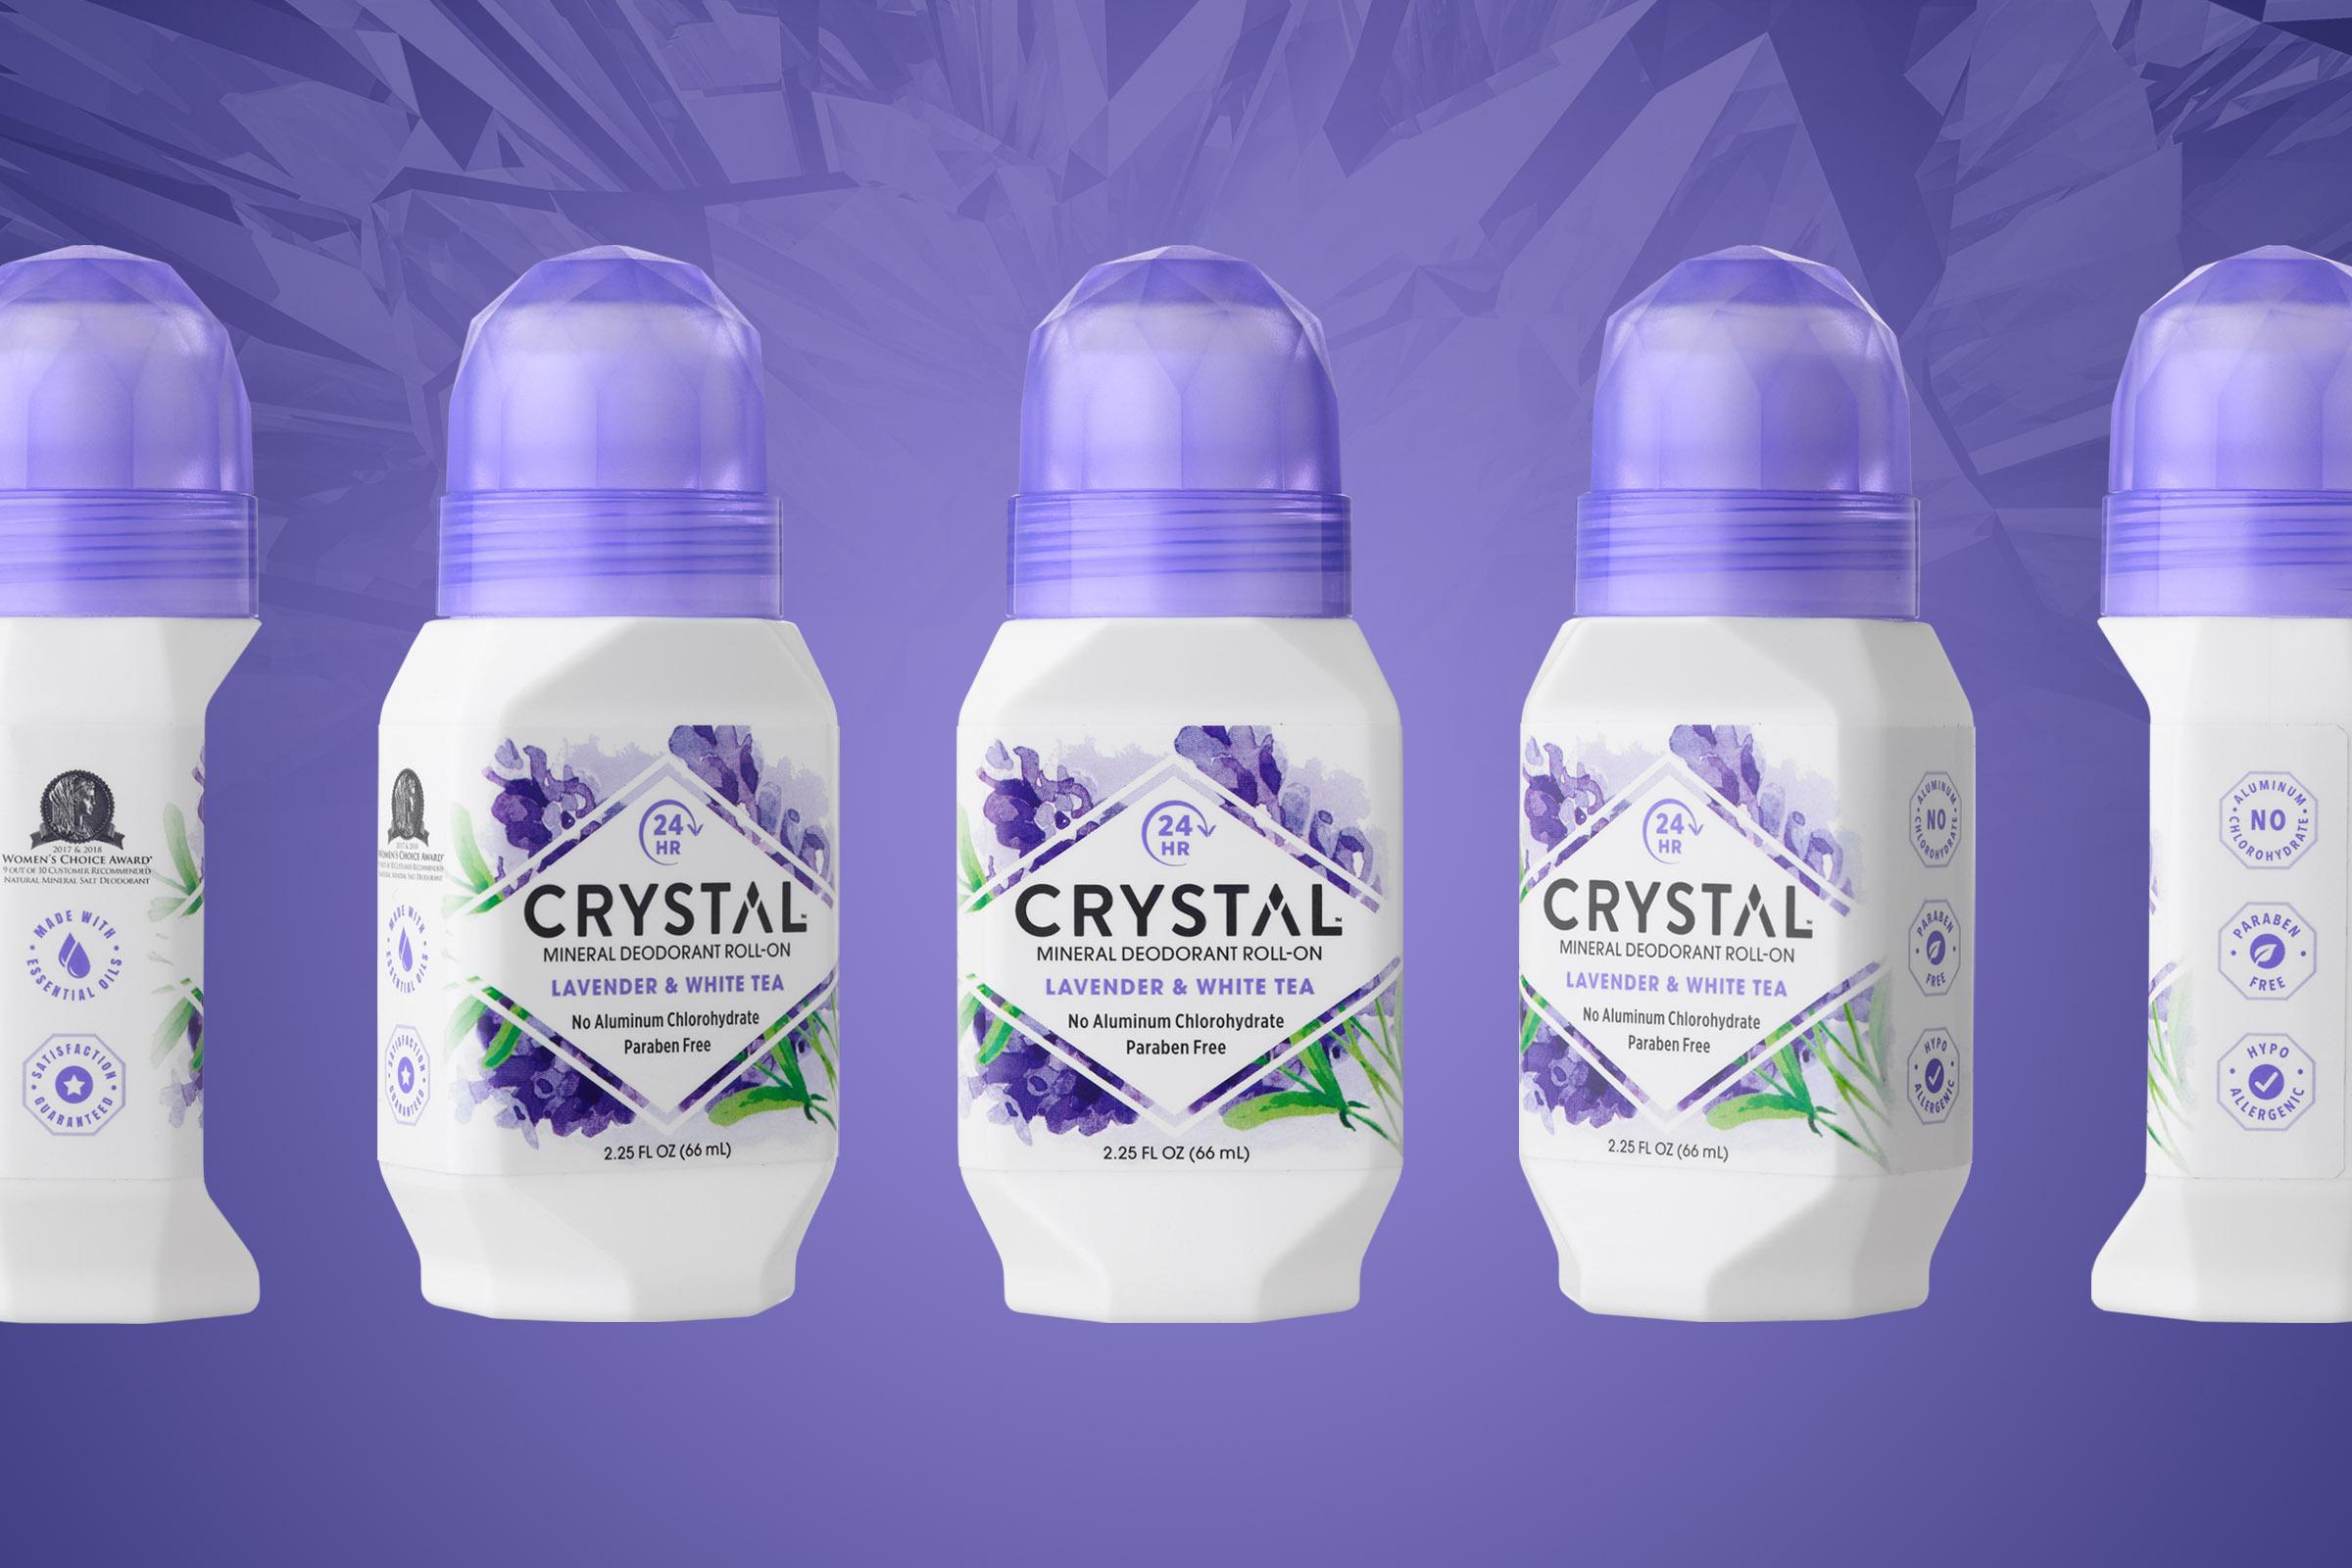 Crystal Deodorant Package Design